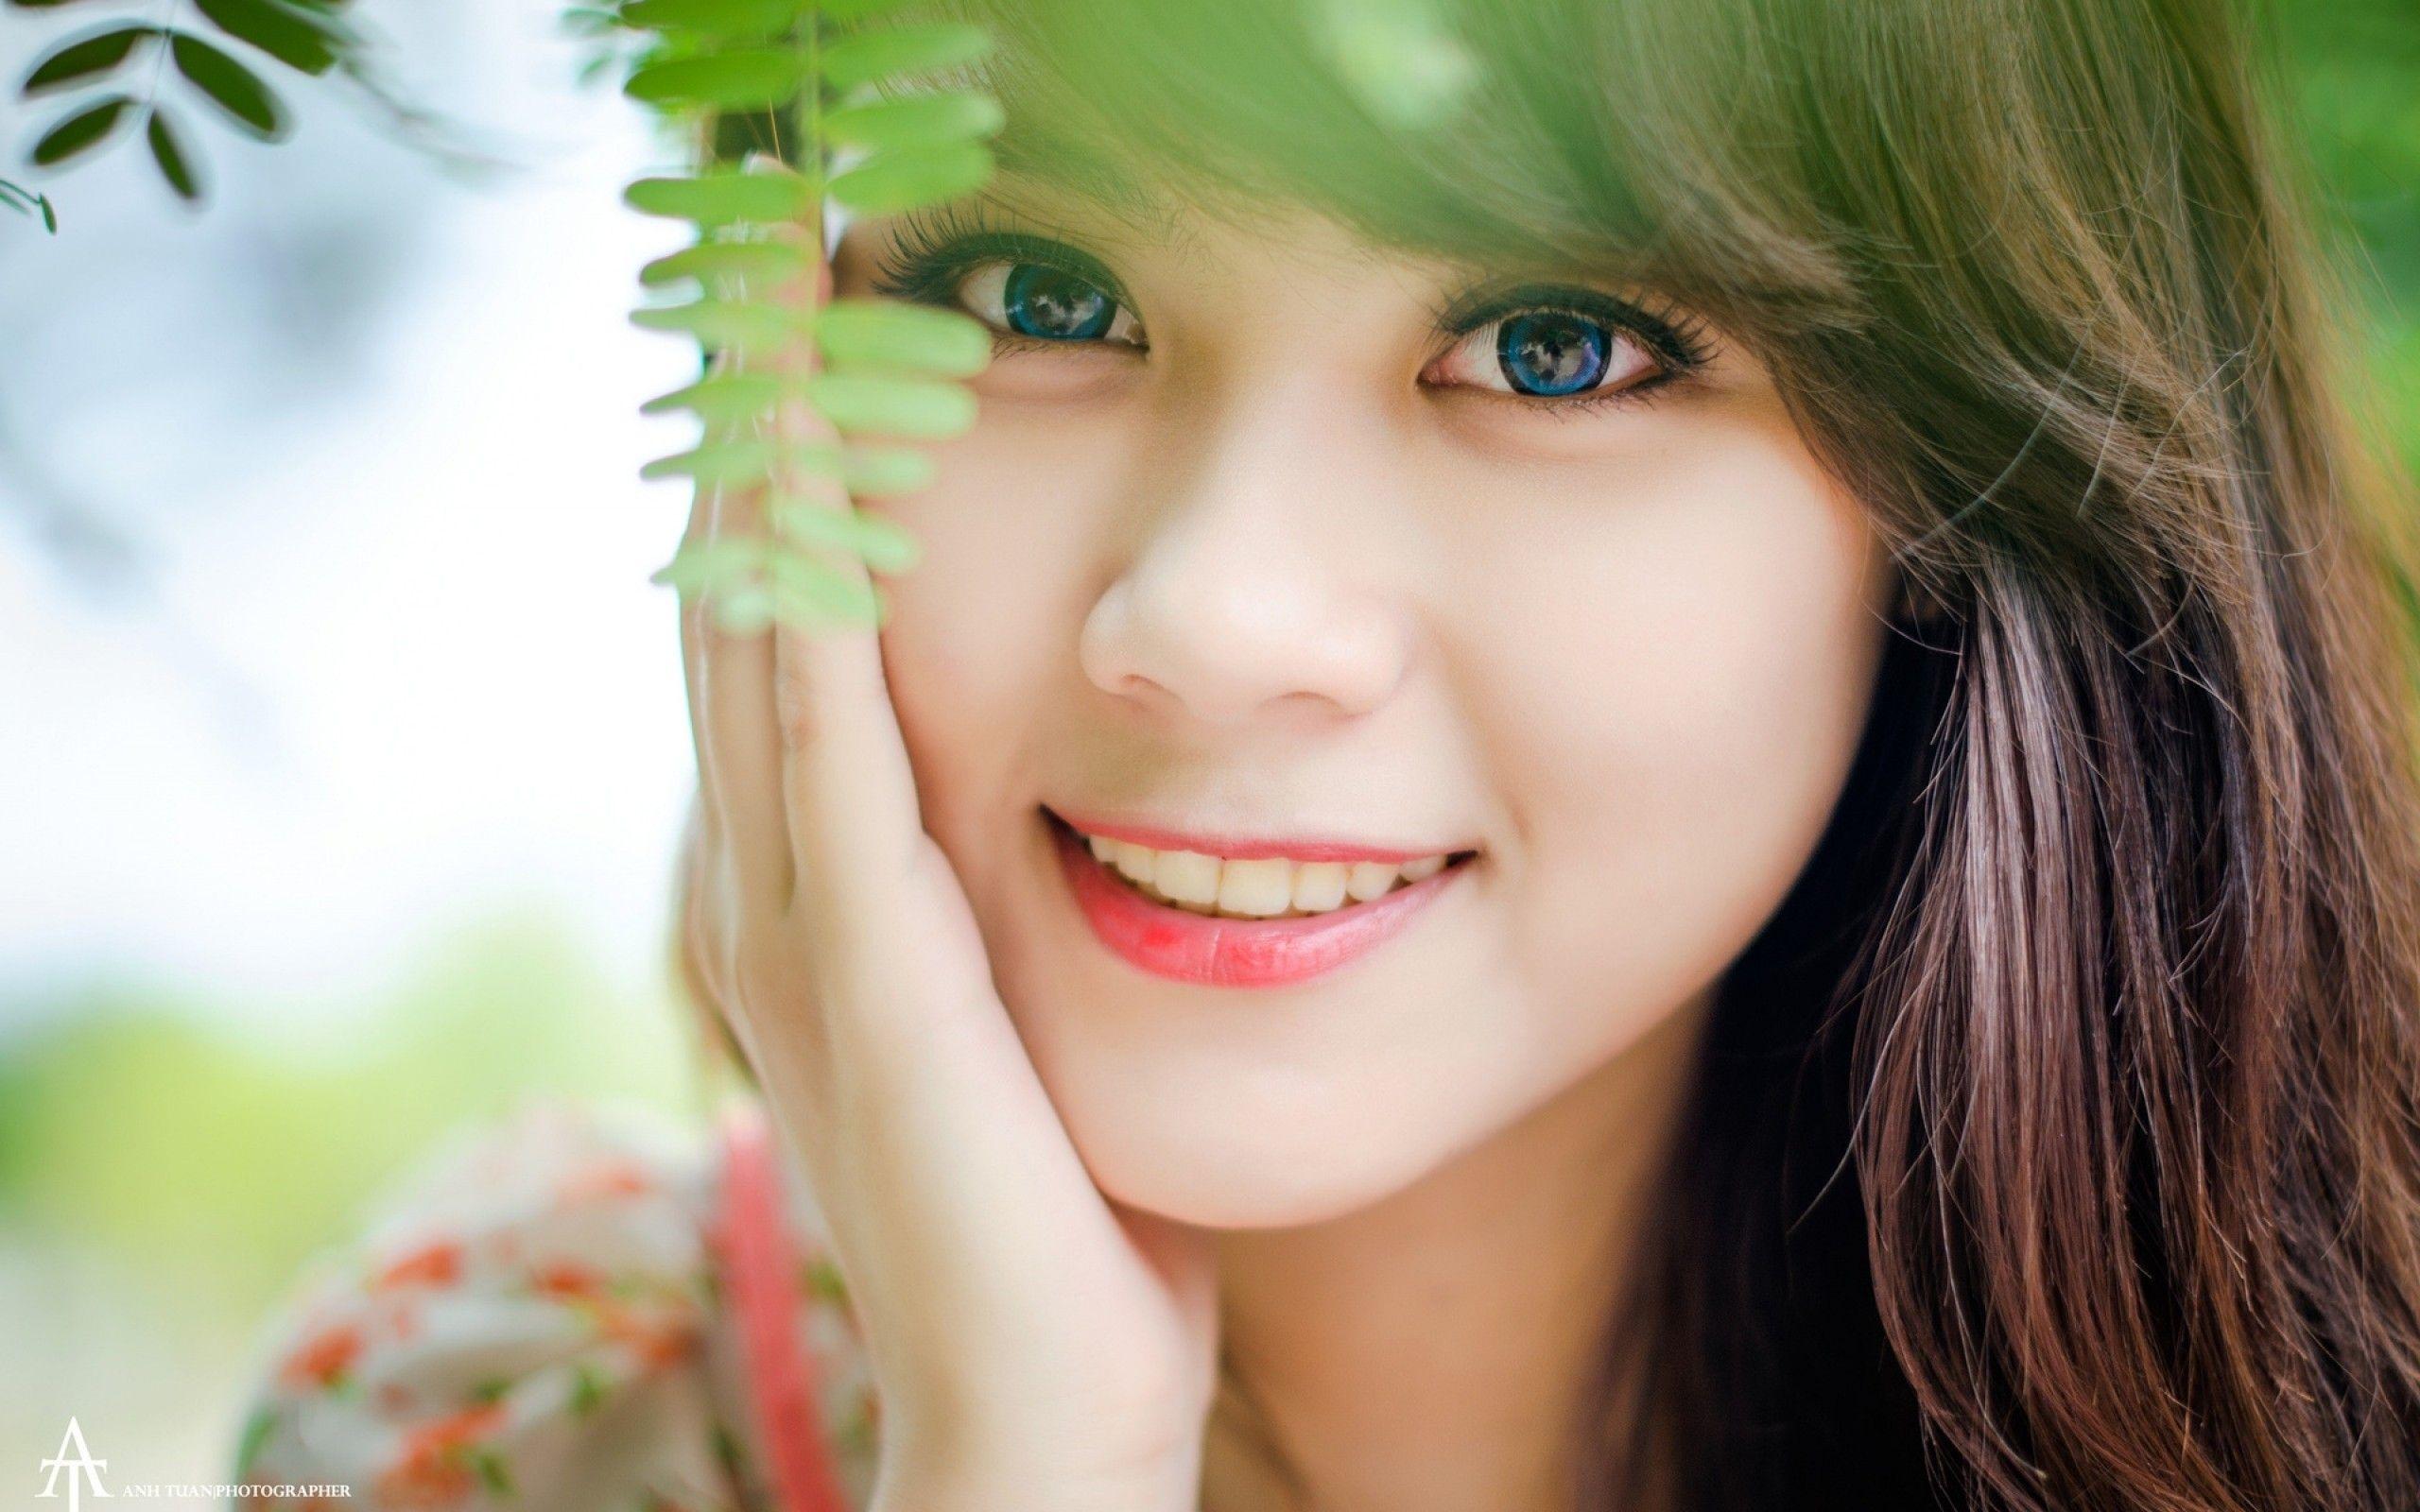 بالصور صور فتاة جميلة , شاهد نسب الجمال المتفاوته من انثى لاخرى 1513 1